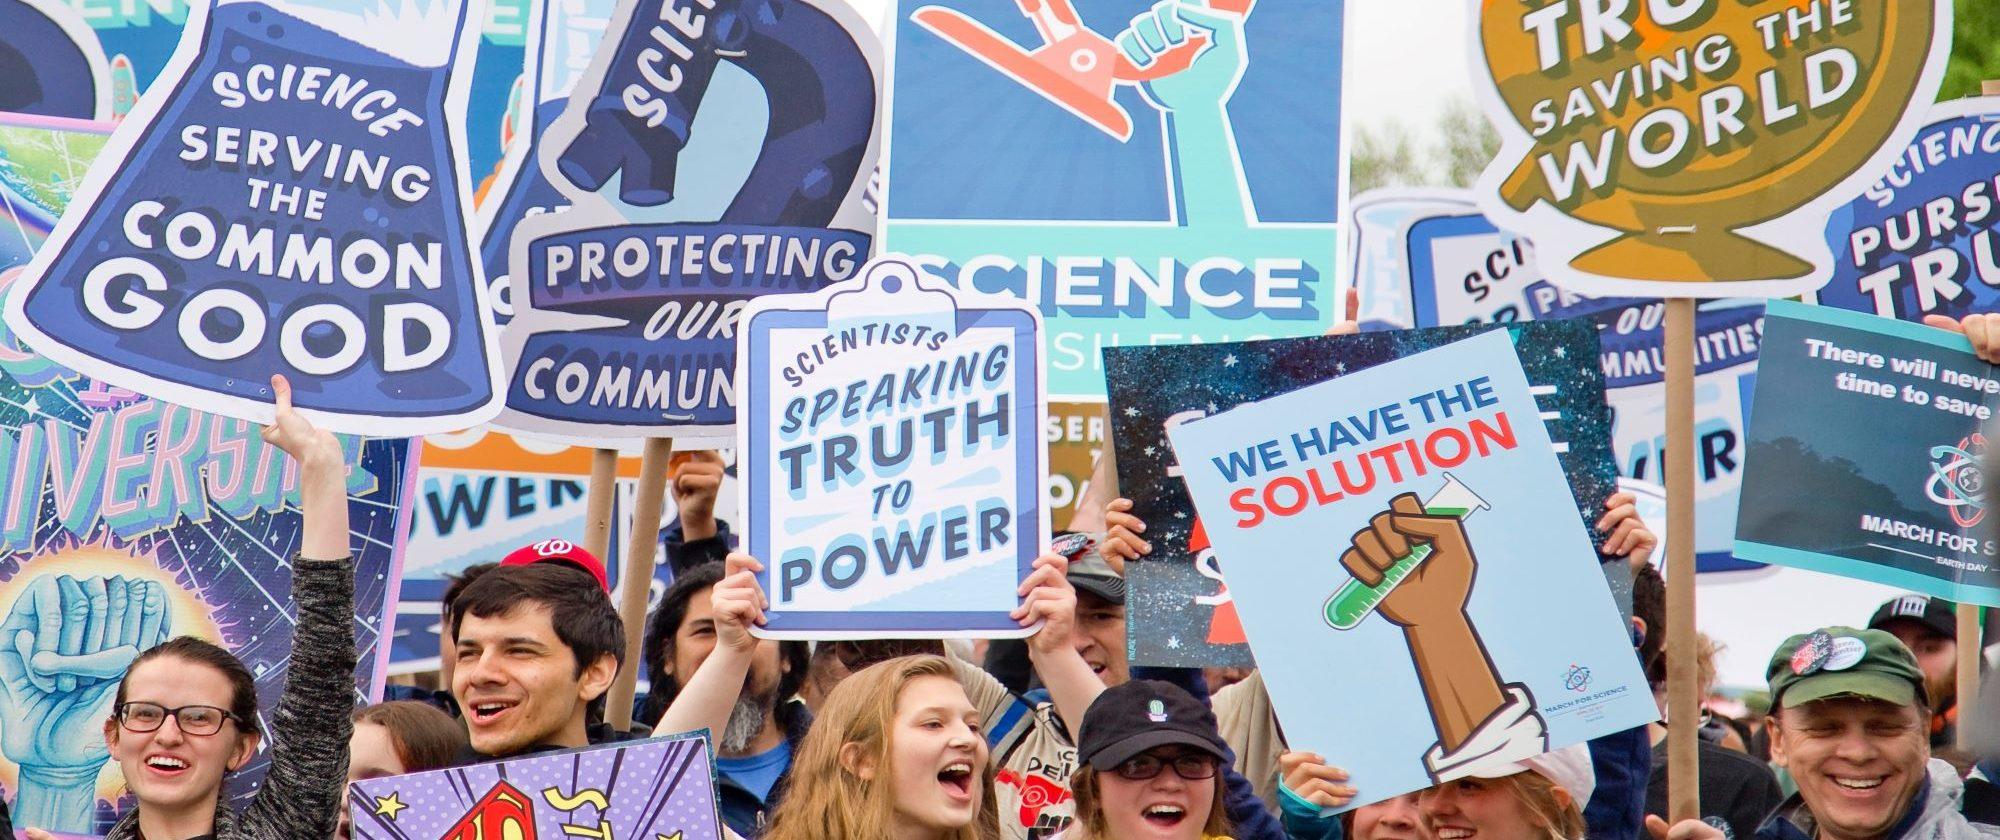 Marcha por la ciencia en Washington DC. Foto de Vlad Tchompalov en Unsplash.